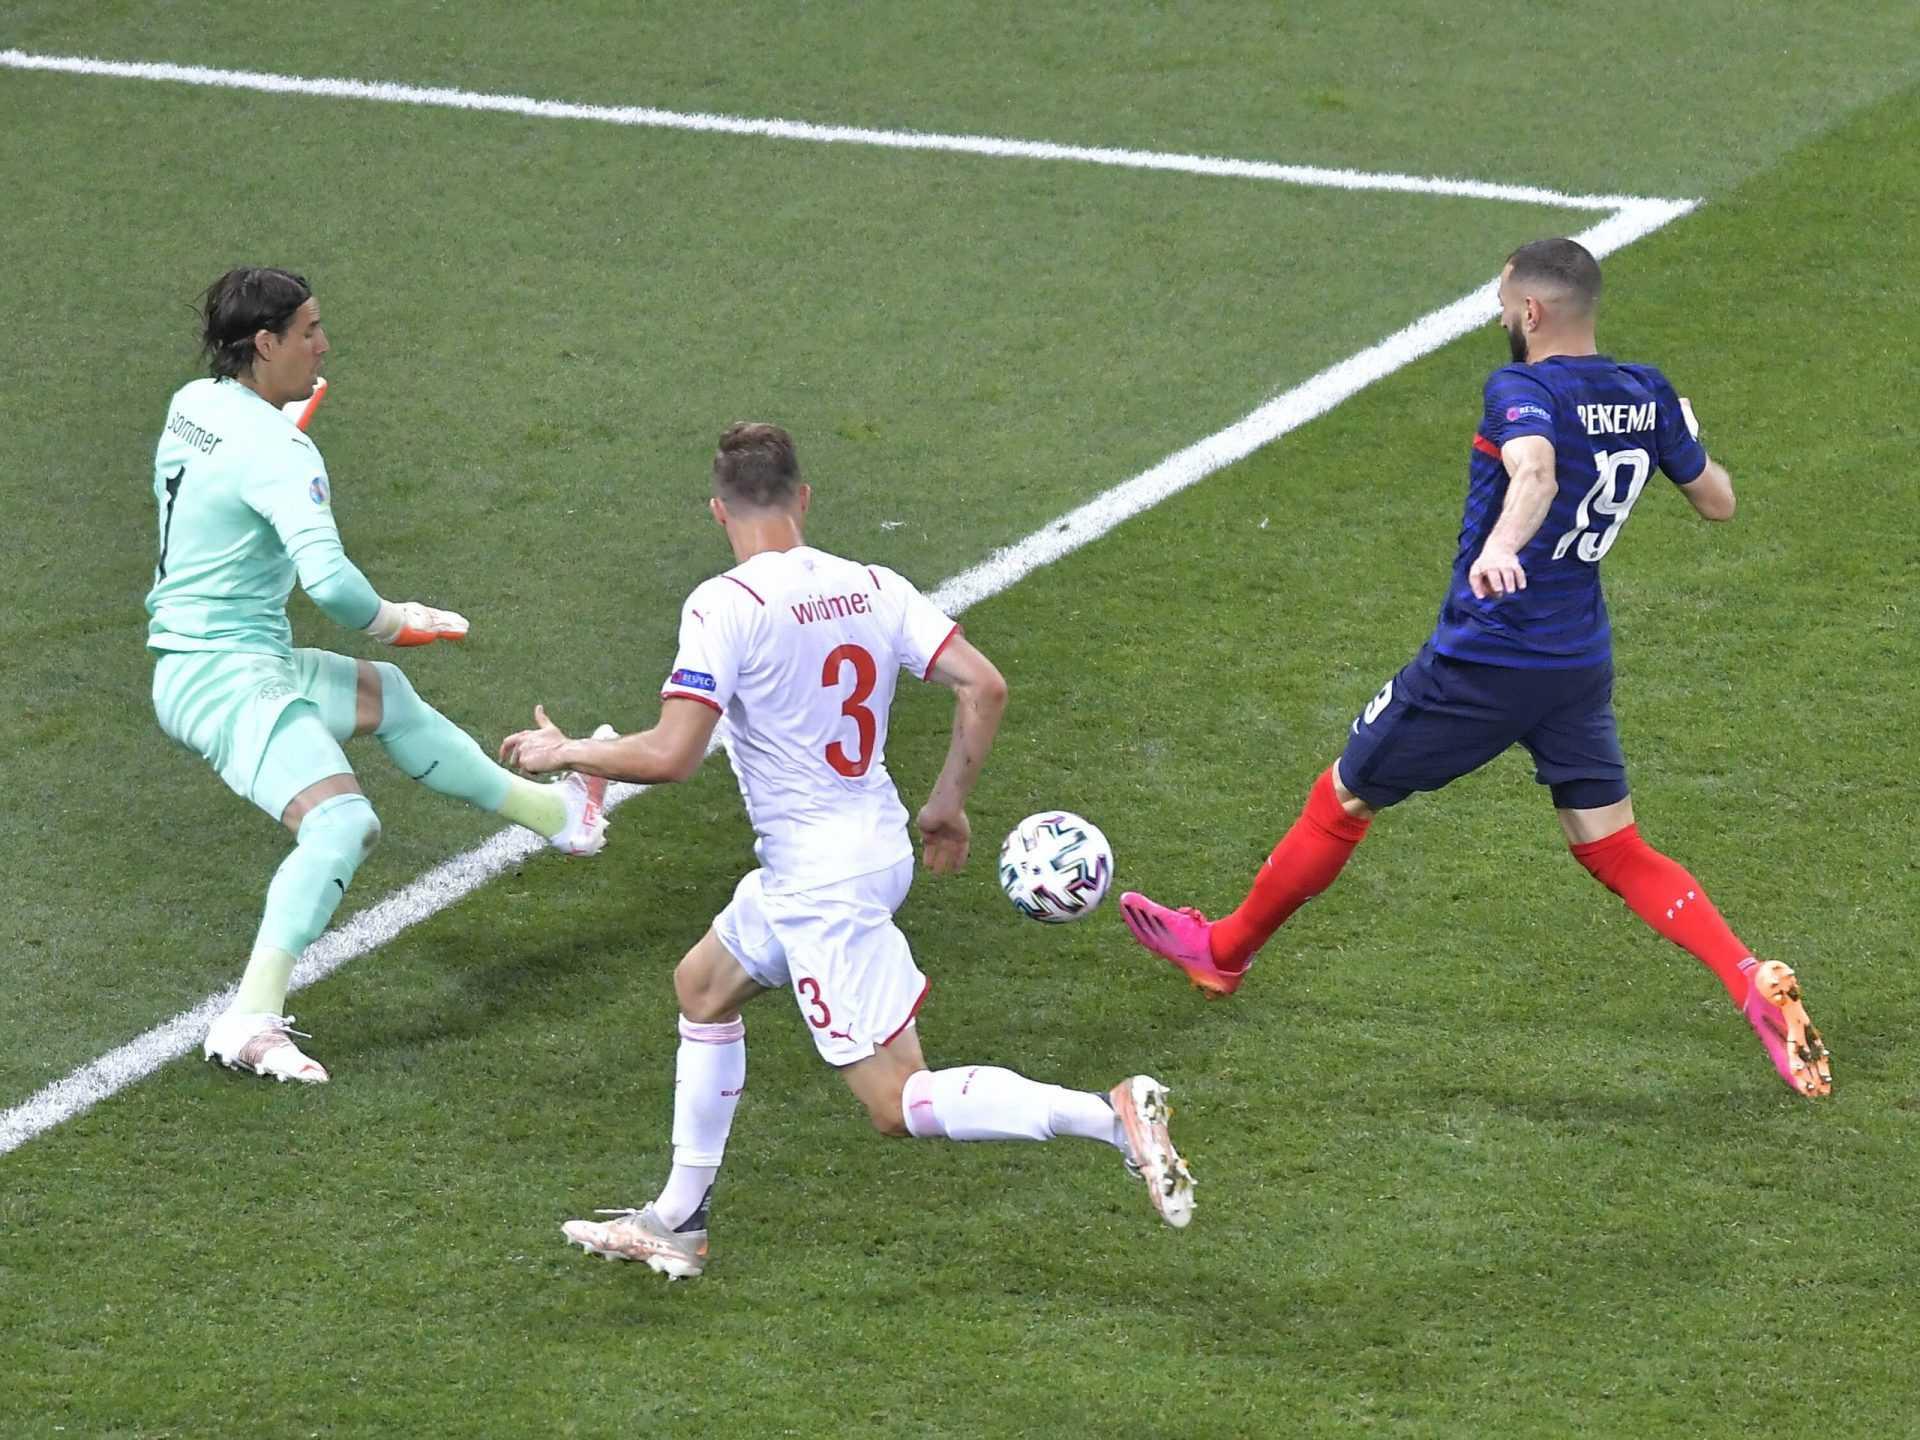 Euro 2021, la classifica marcatori: Schick sfida CR7